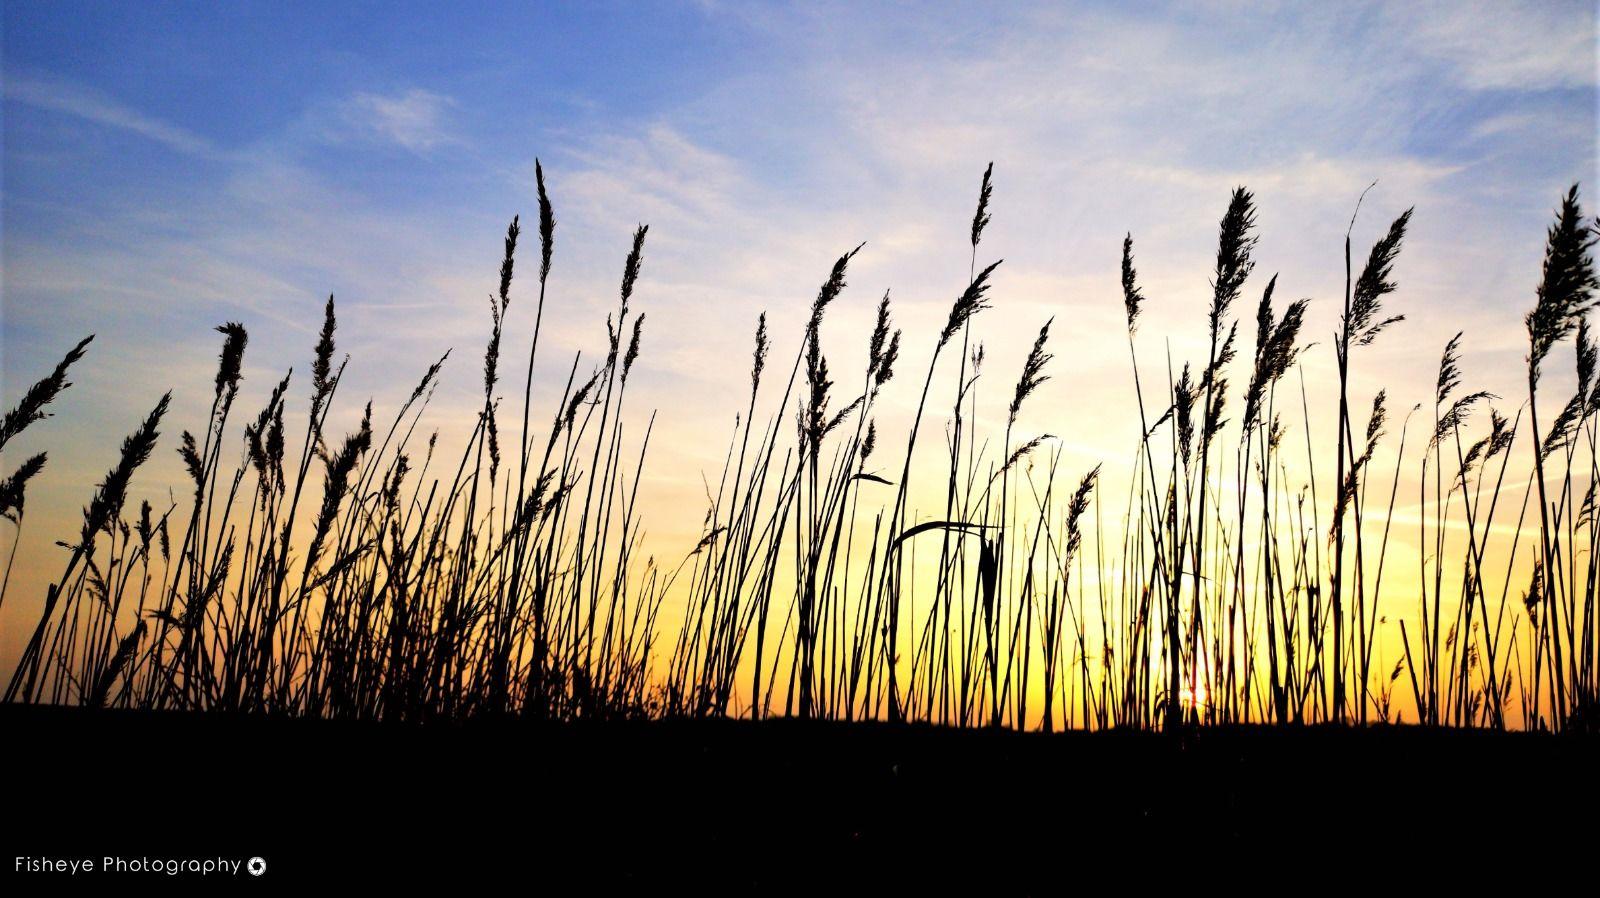 Minsmere Grass